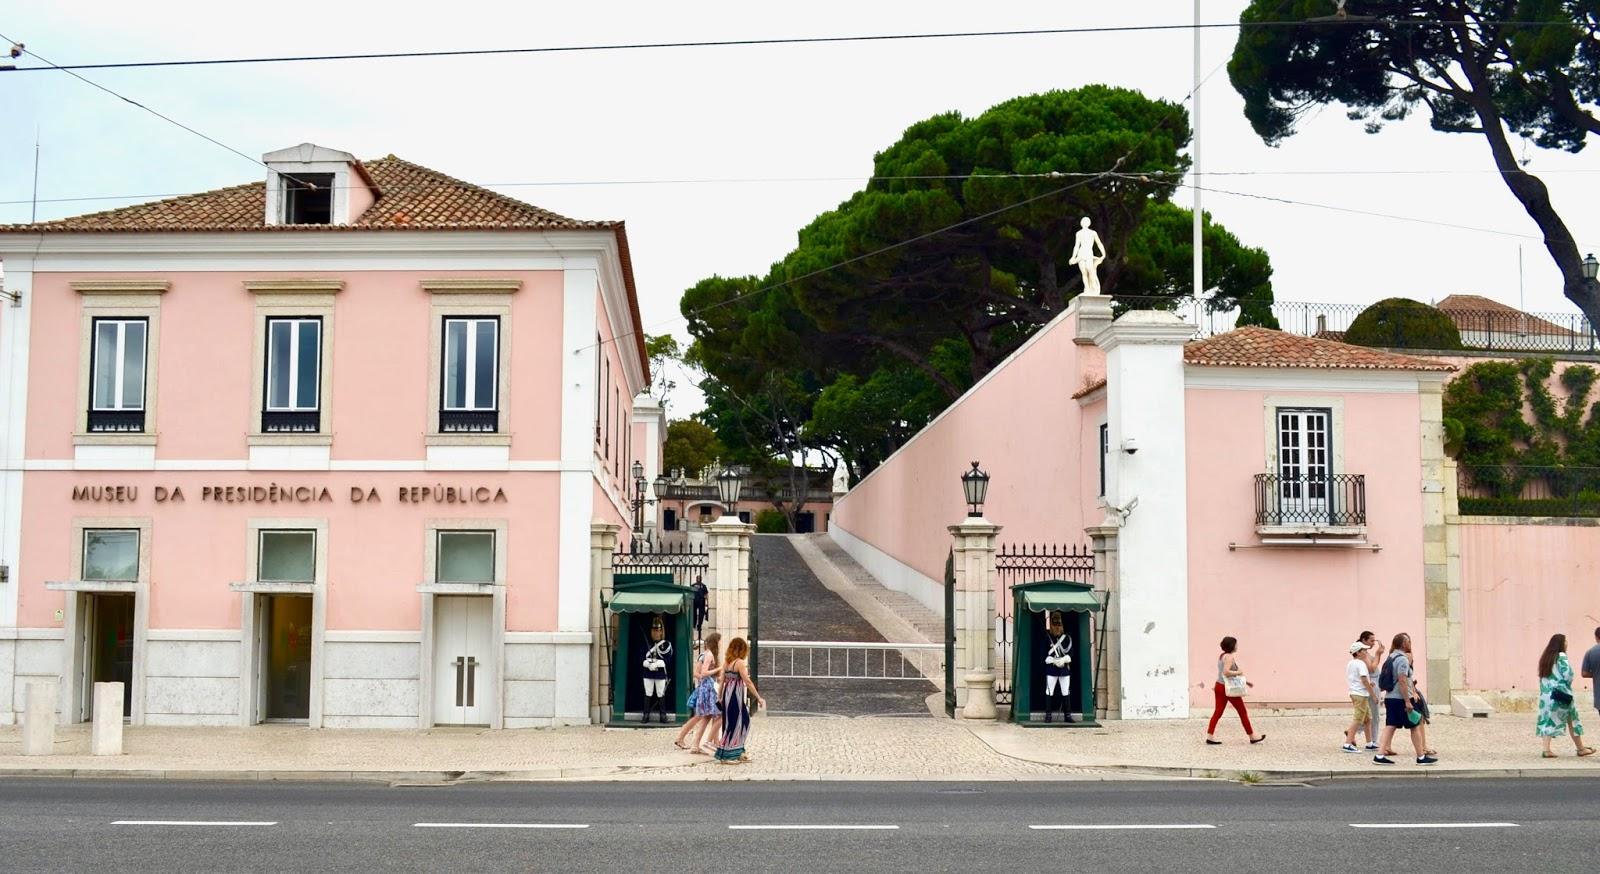 La maison du portugal beautiful chic icon la maison du for Decoration maison portugal